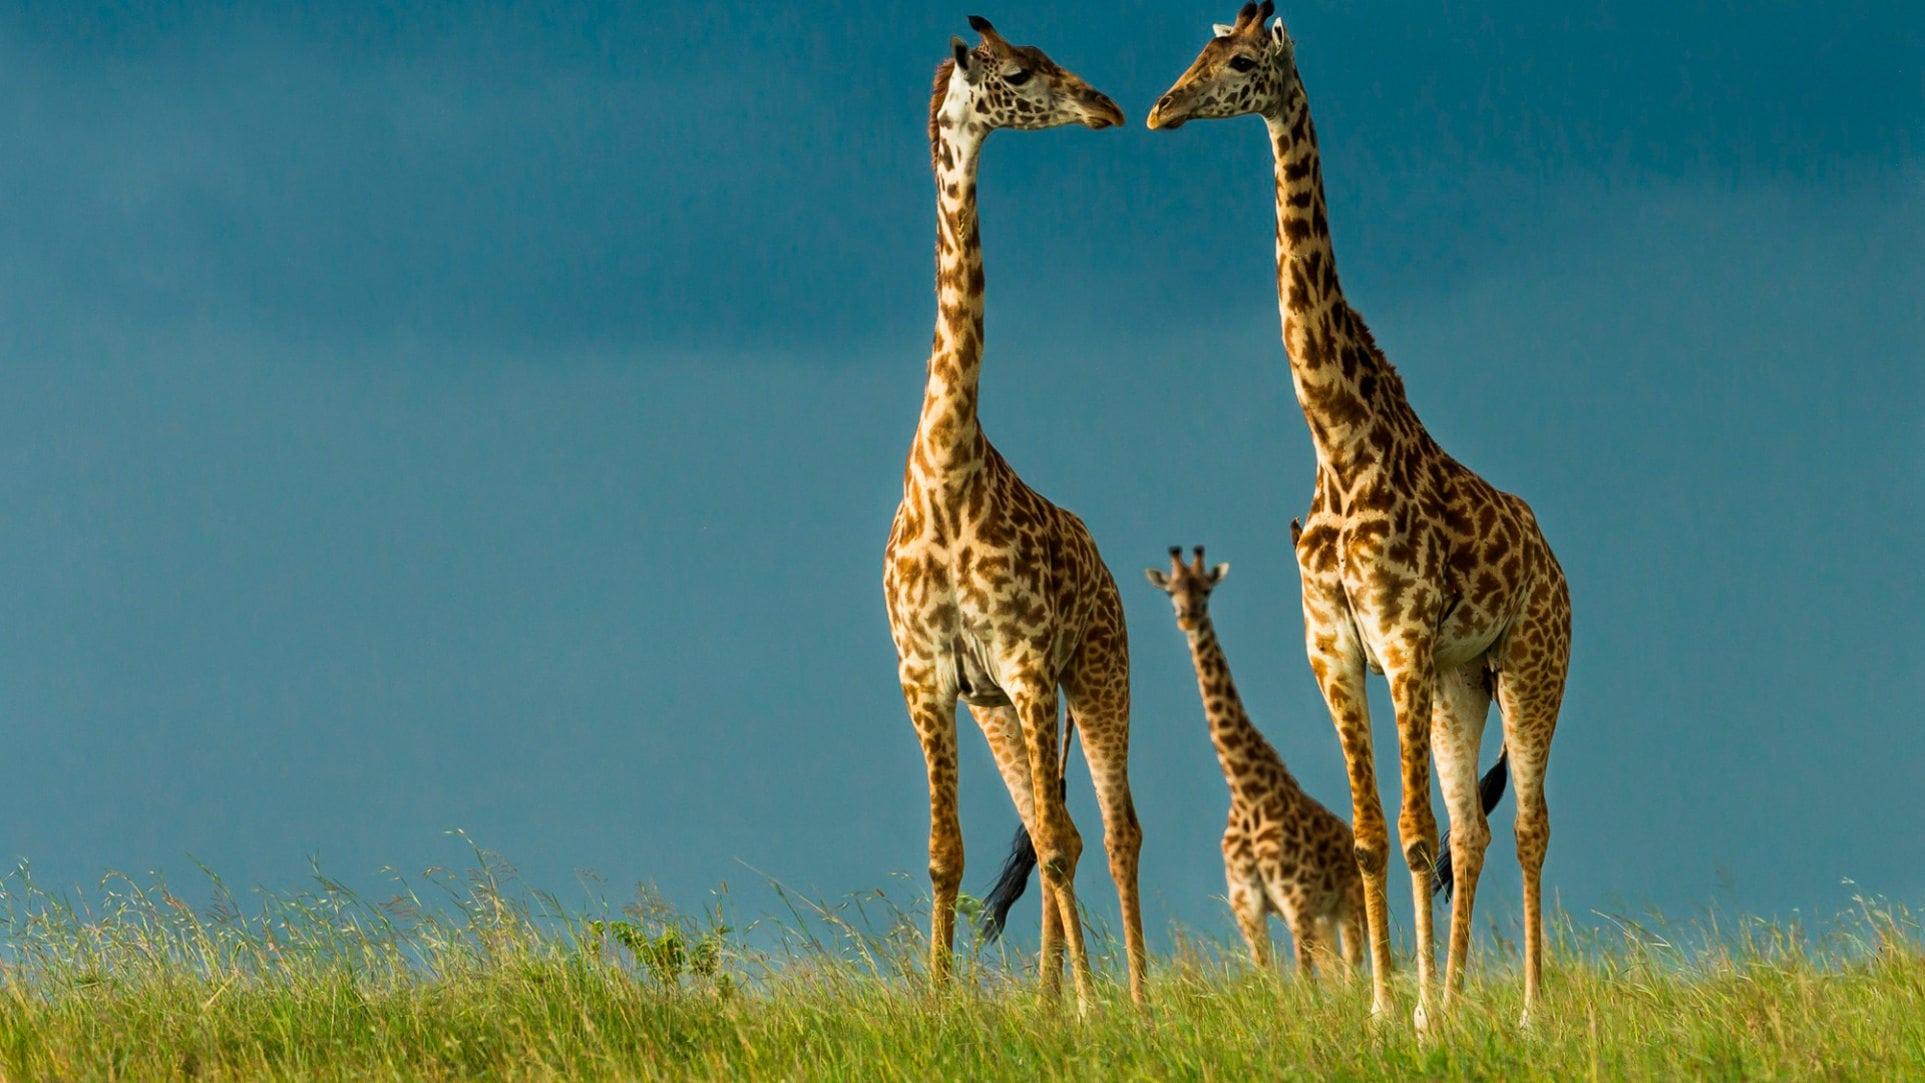 Почему у жирафа длинная шея?